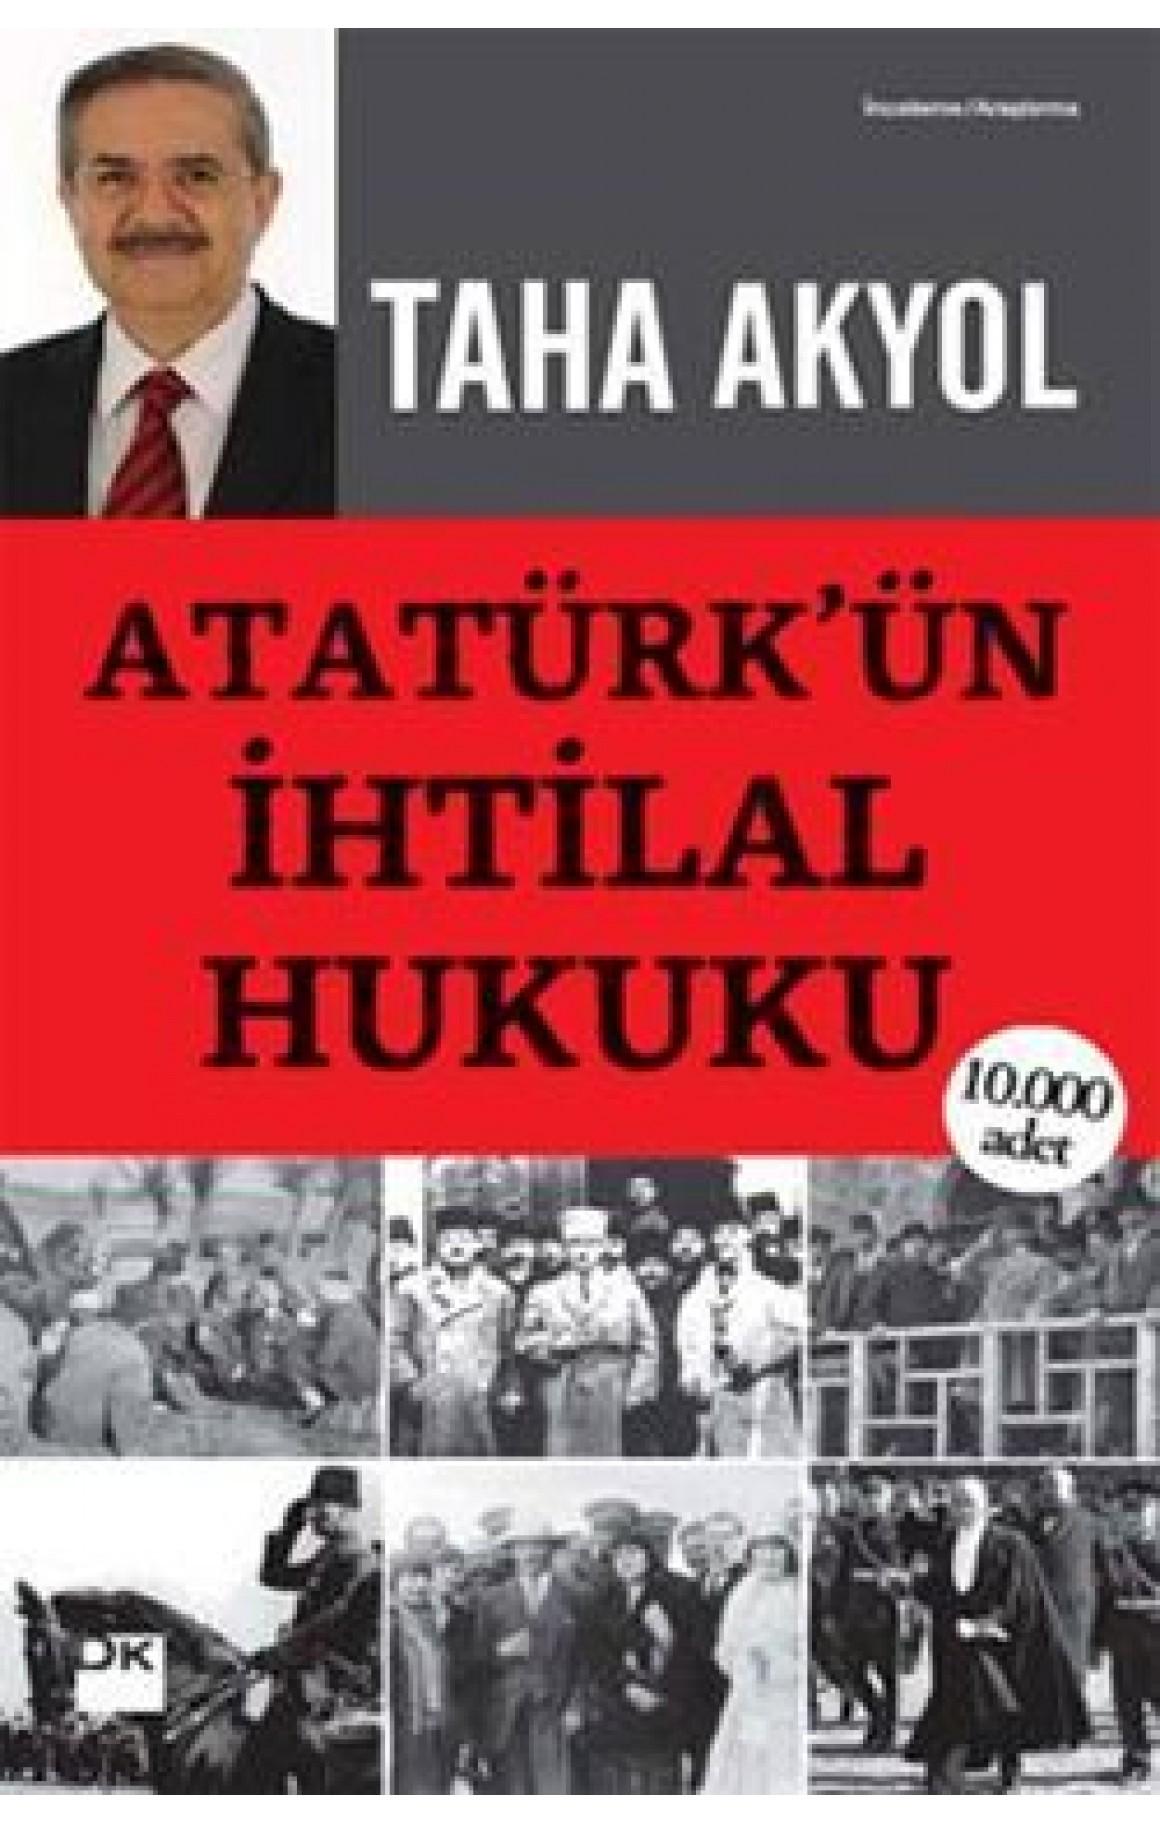 Atatürkün İhtilal Hukuku